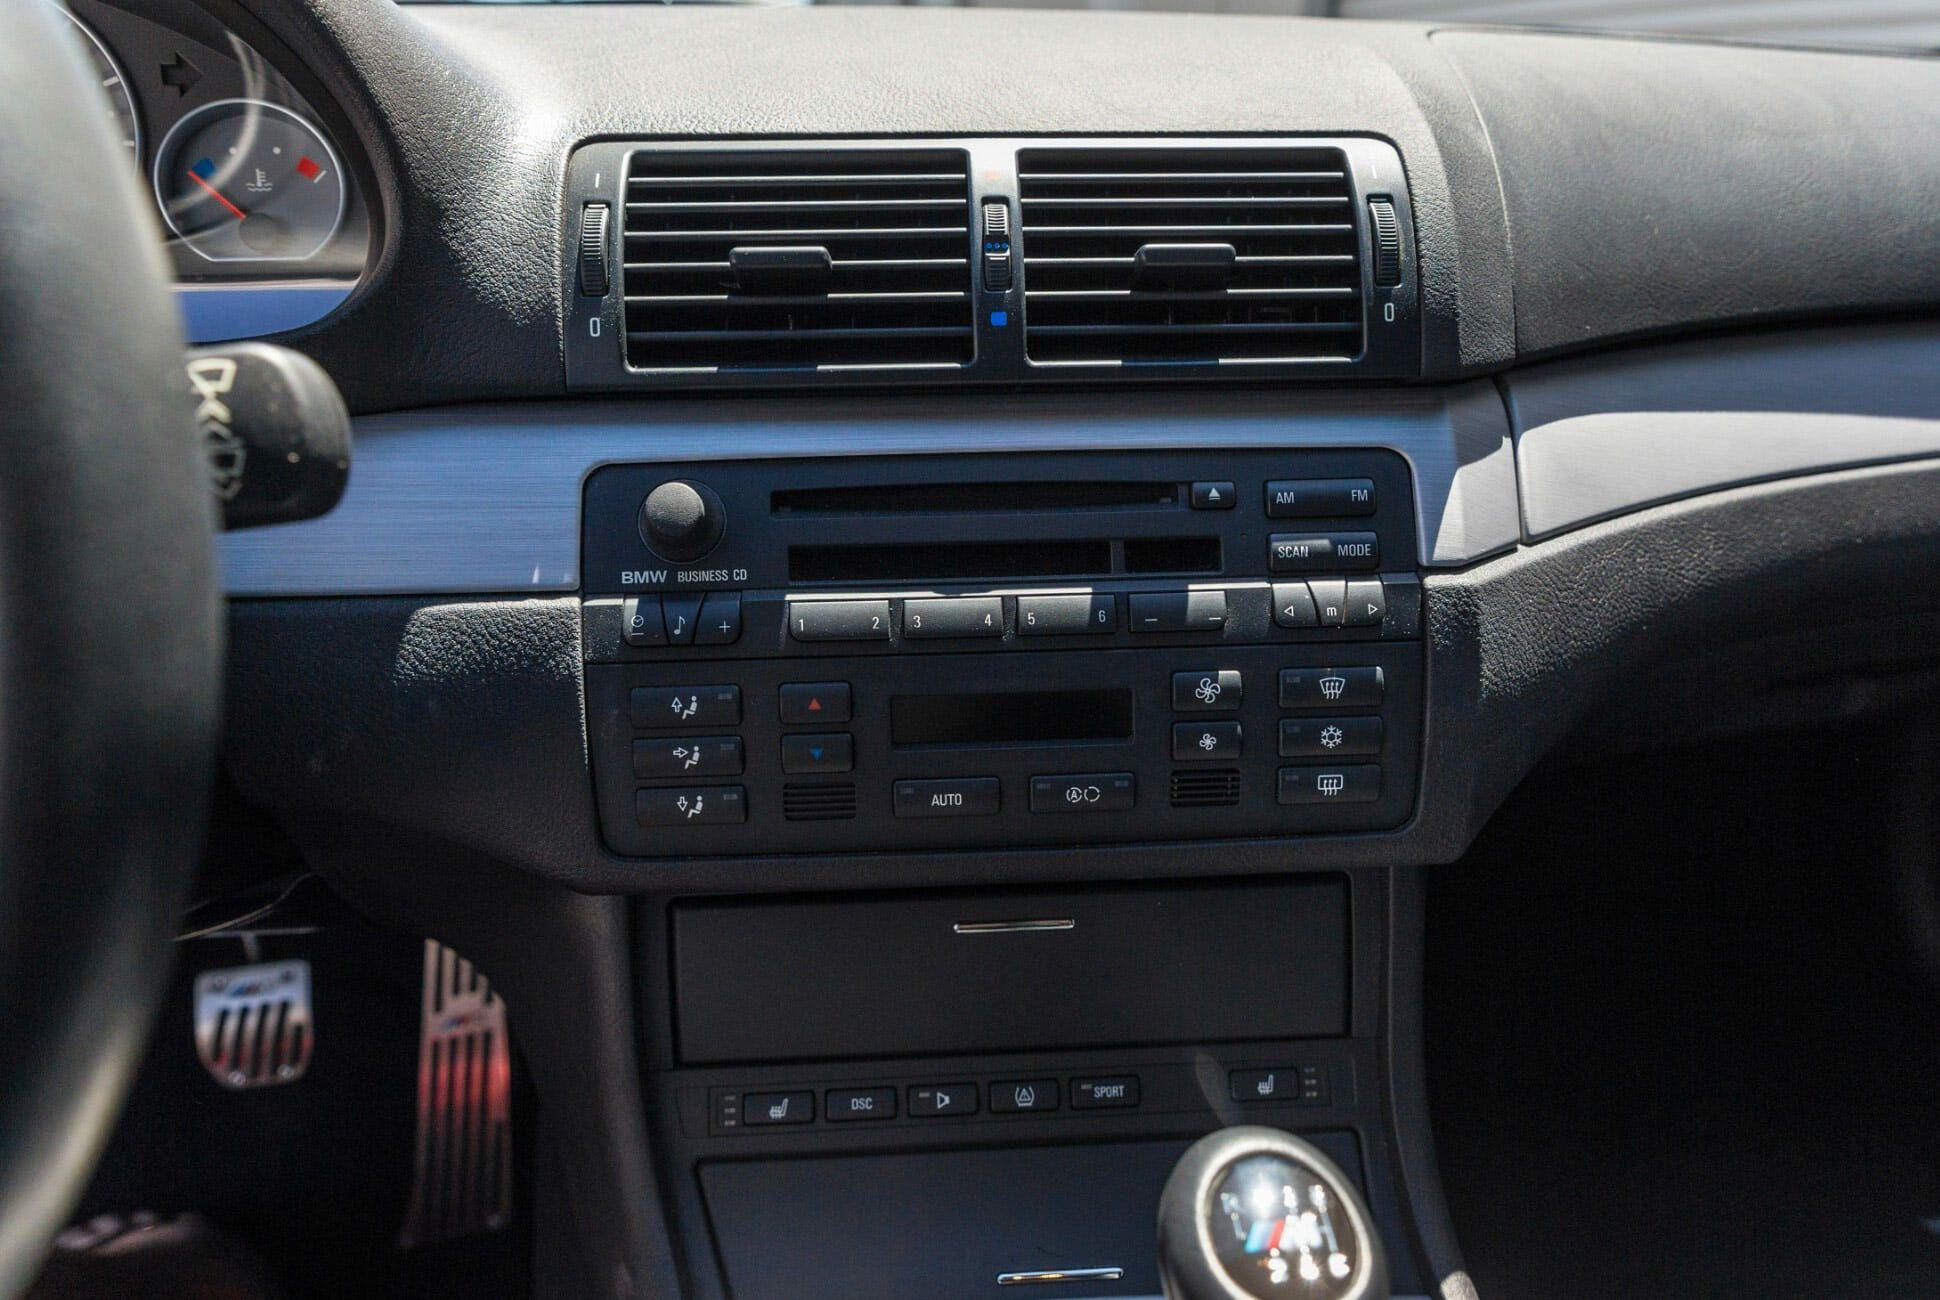 2005-Bring-a-Trailer-BMW-M3--gear-patrol-11